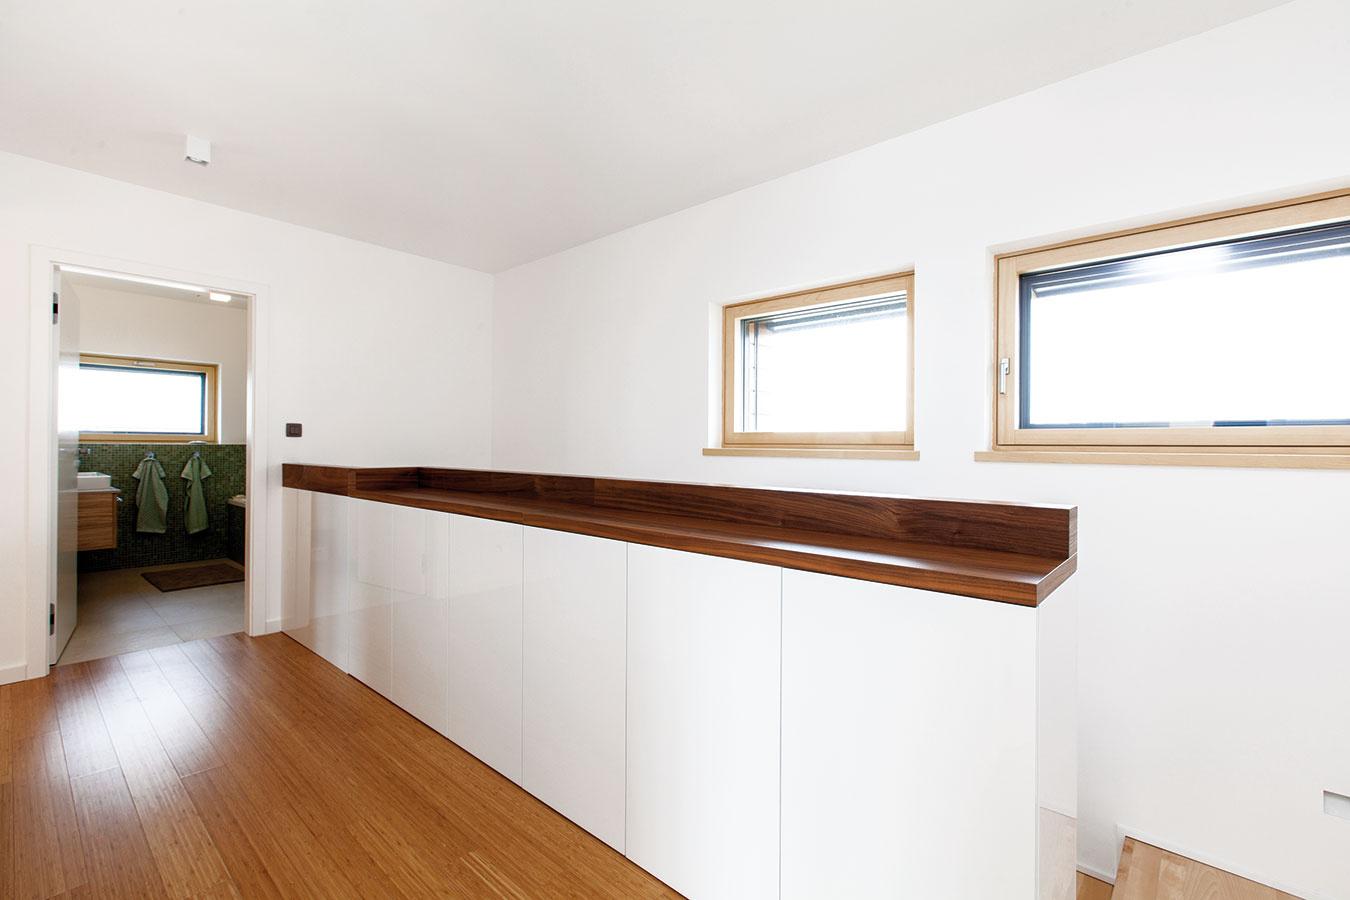 Dostatok odkladacích priestorov je základným predpokladom poriadku vdome. Pri spálňach na poschodí preto nechýbajú šatníky, zábradlie schodiska zas manželia šikovne využili na umiestnenie nízkych skriniek.